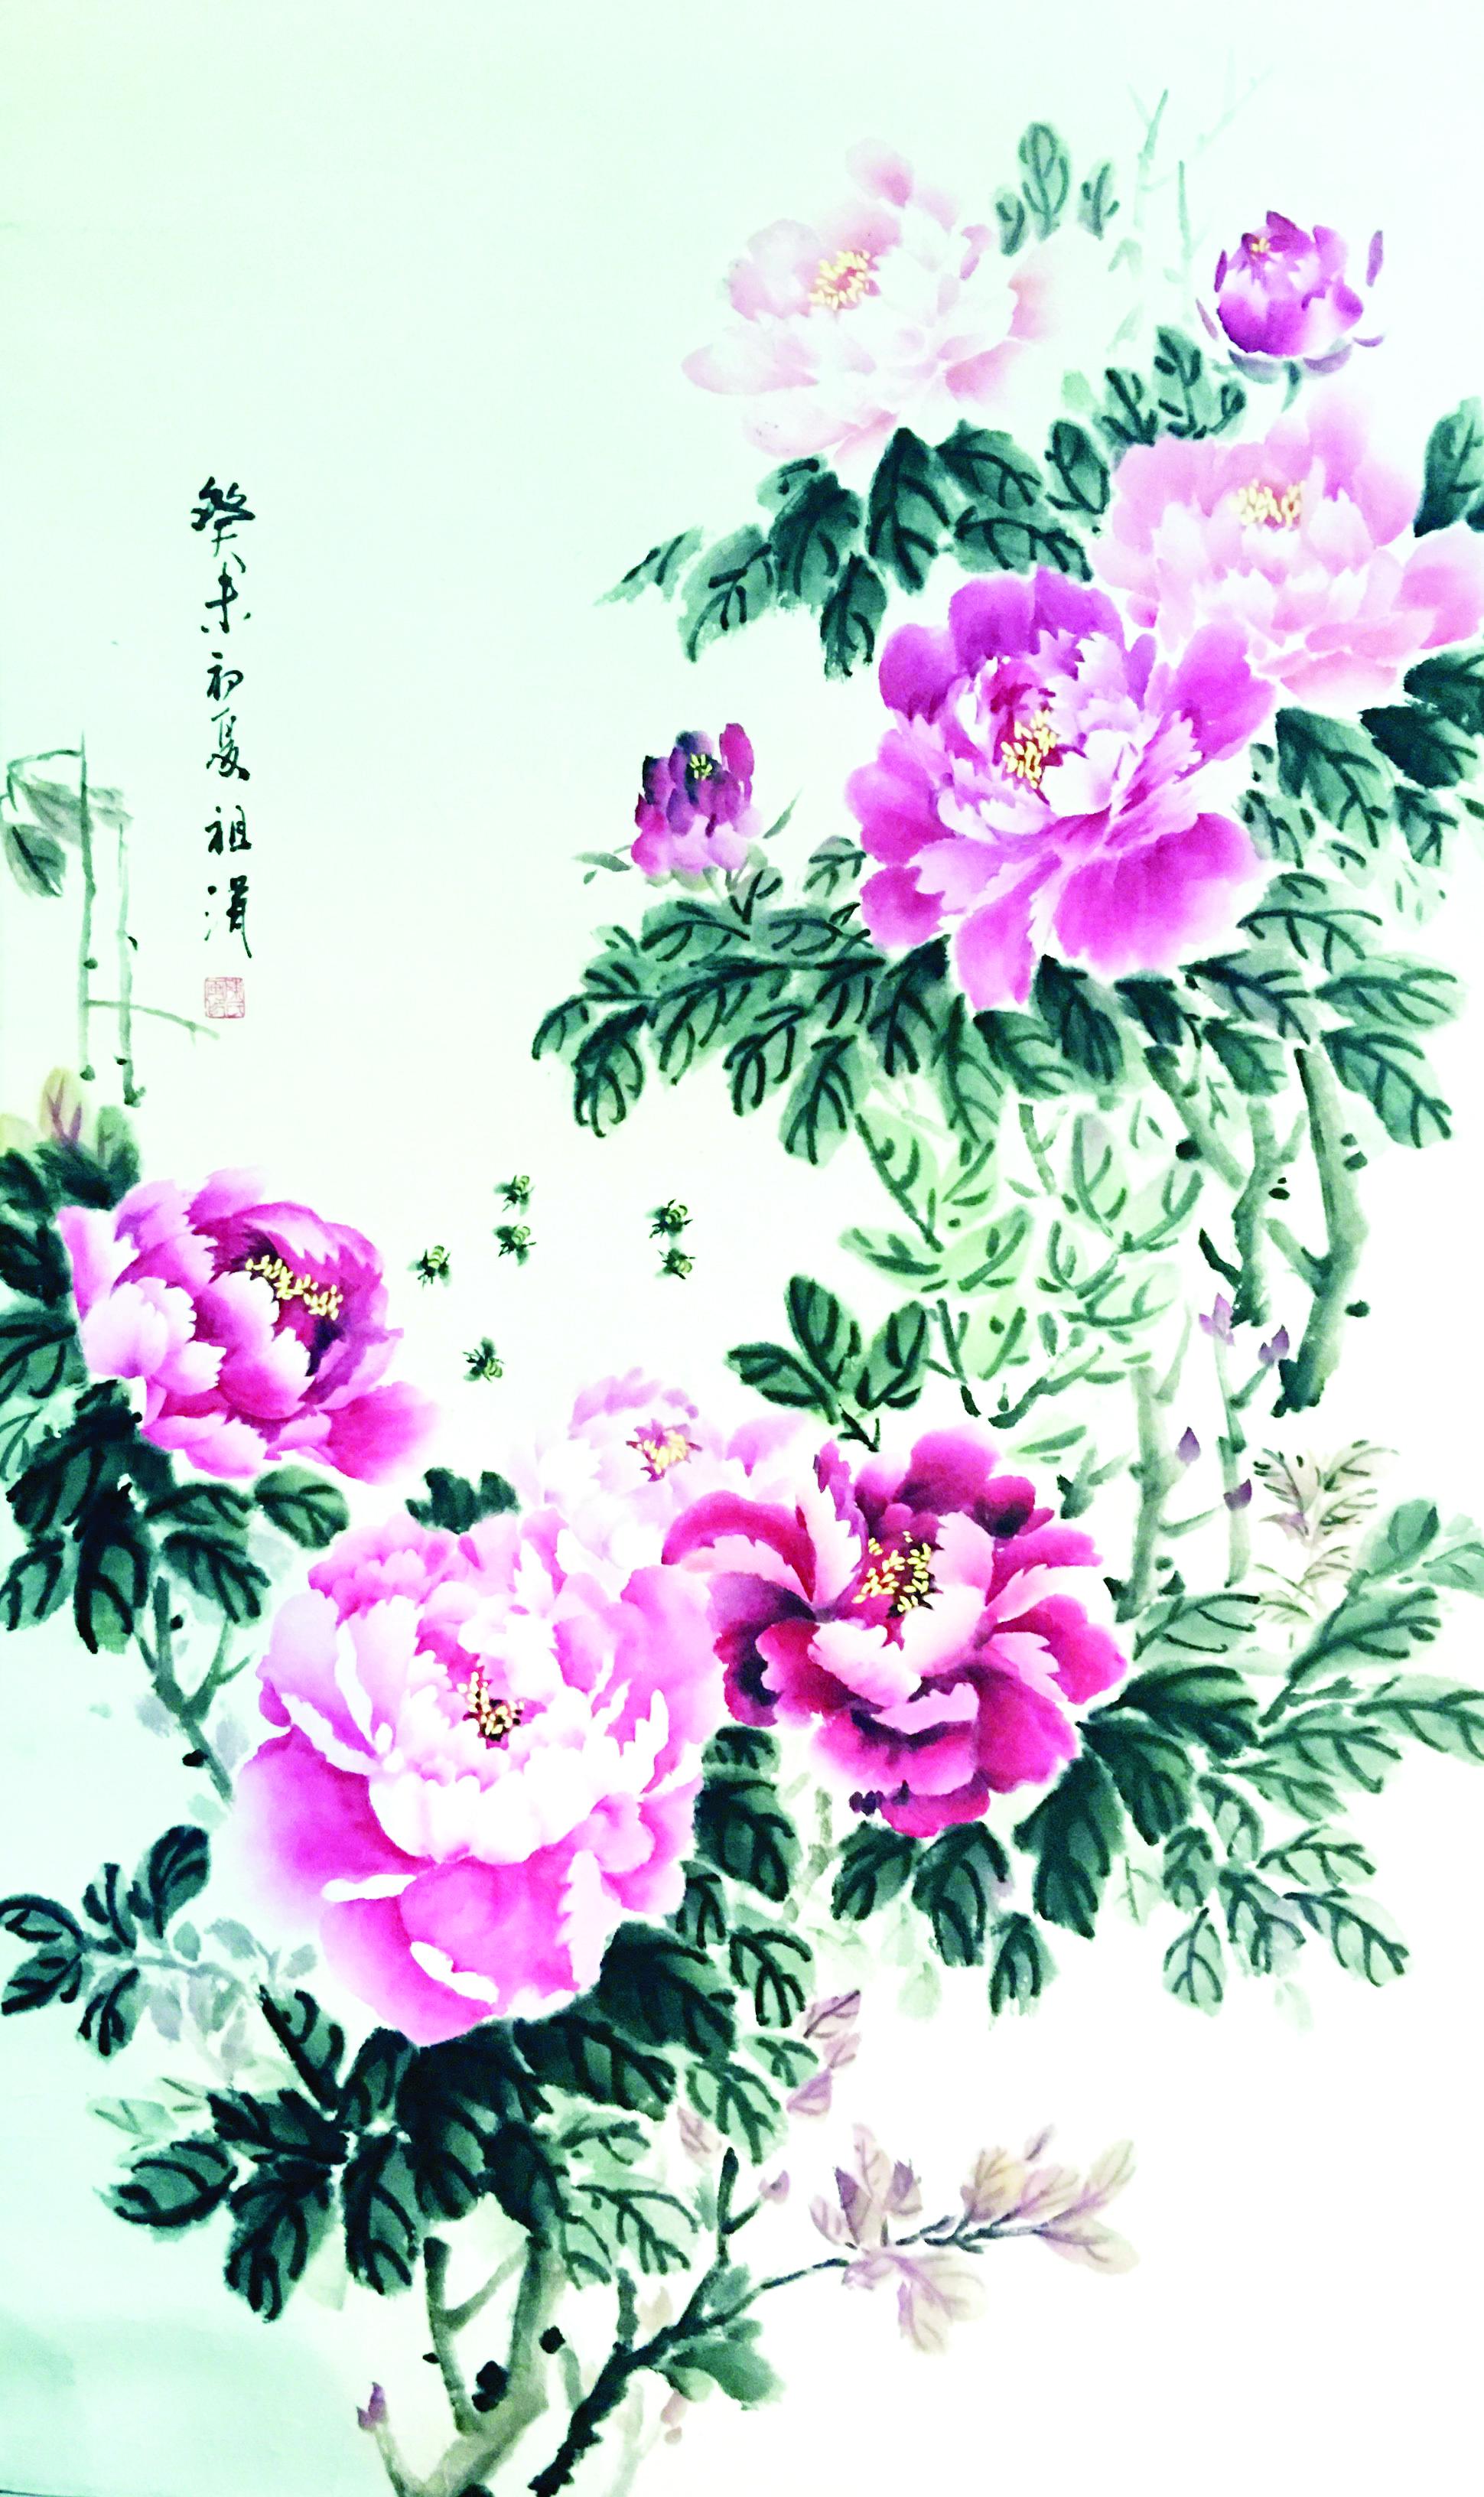 chen-zu-juan